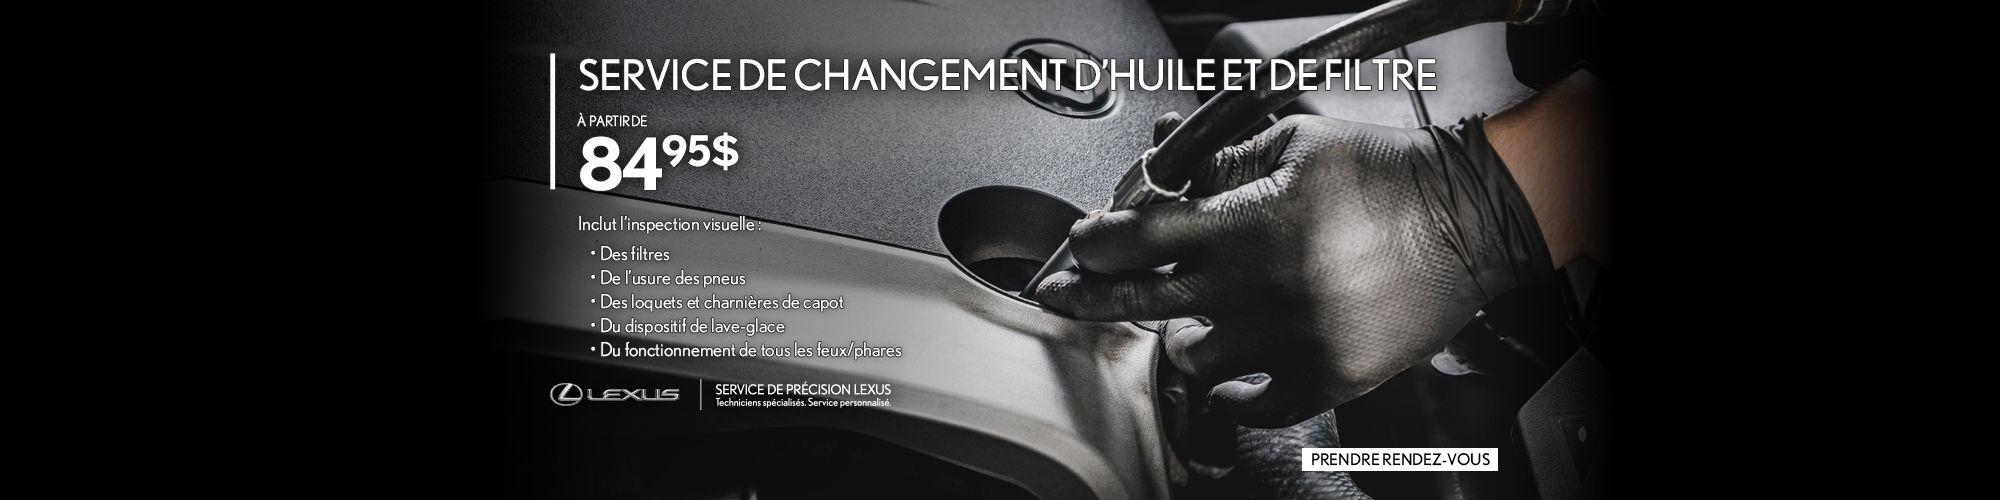 Service Changement d'huile Lexus